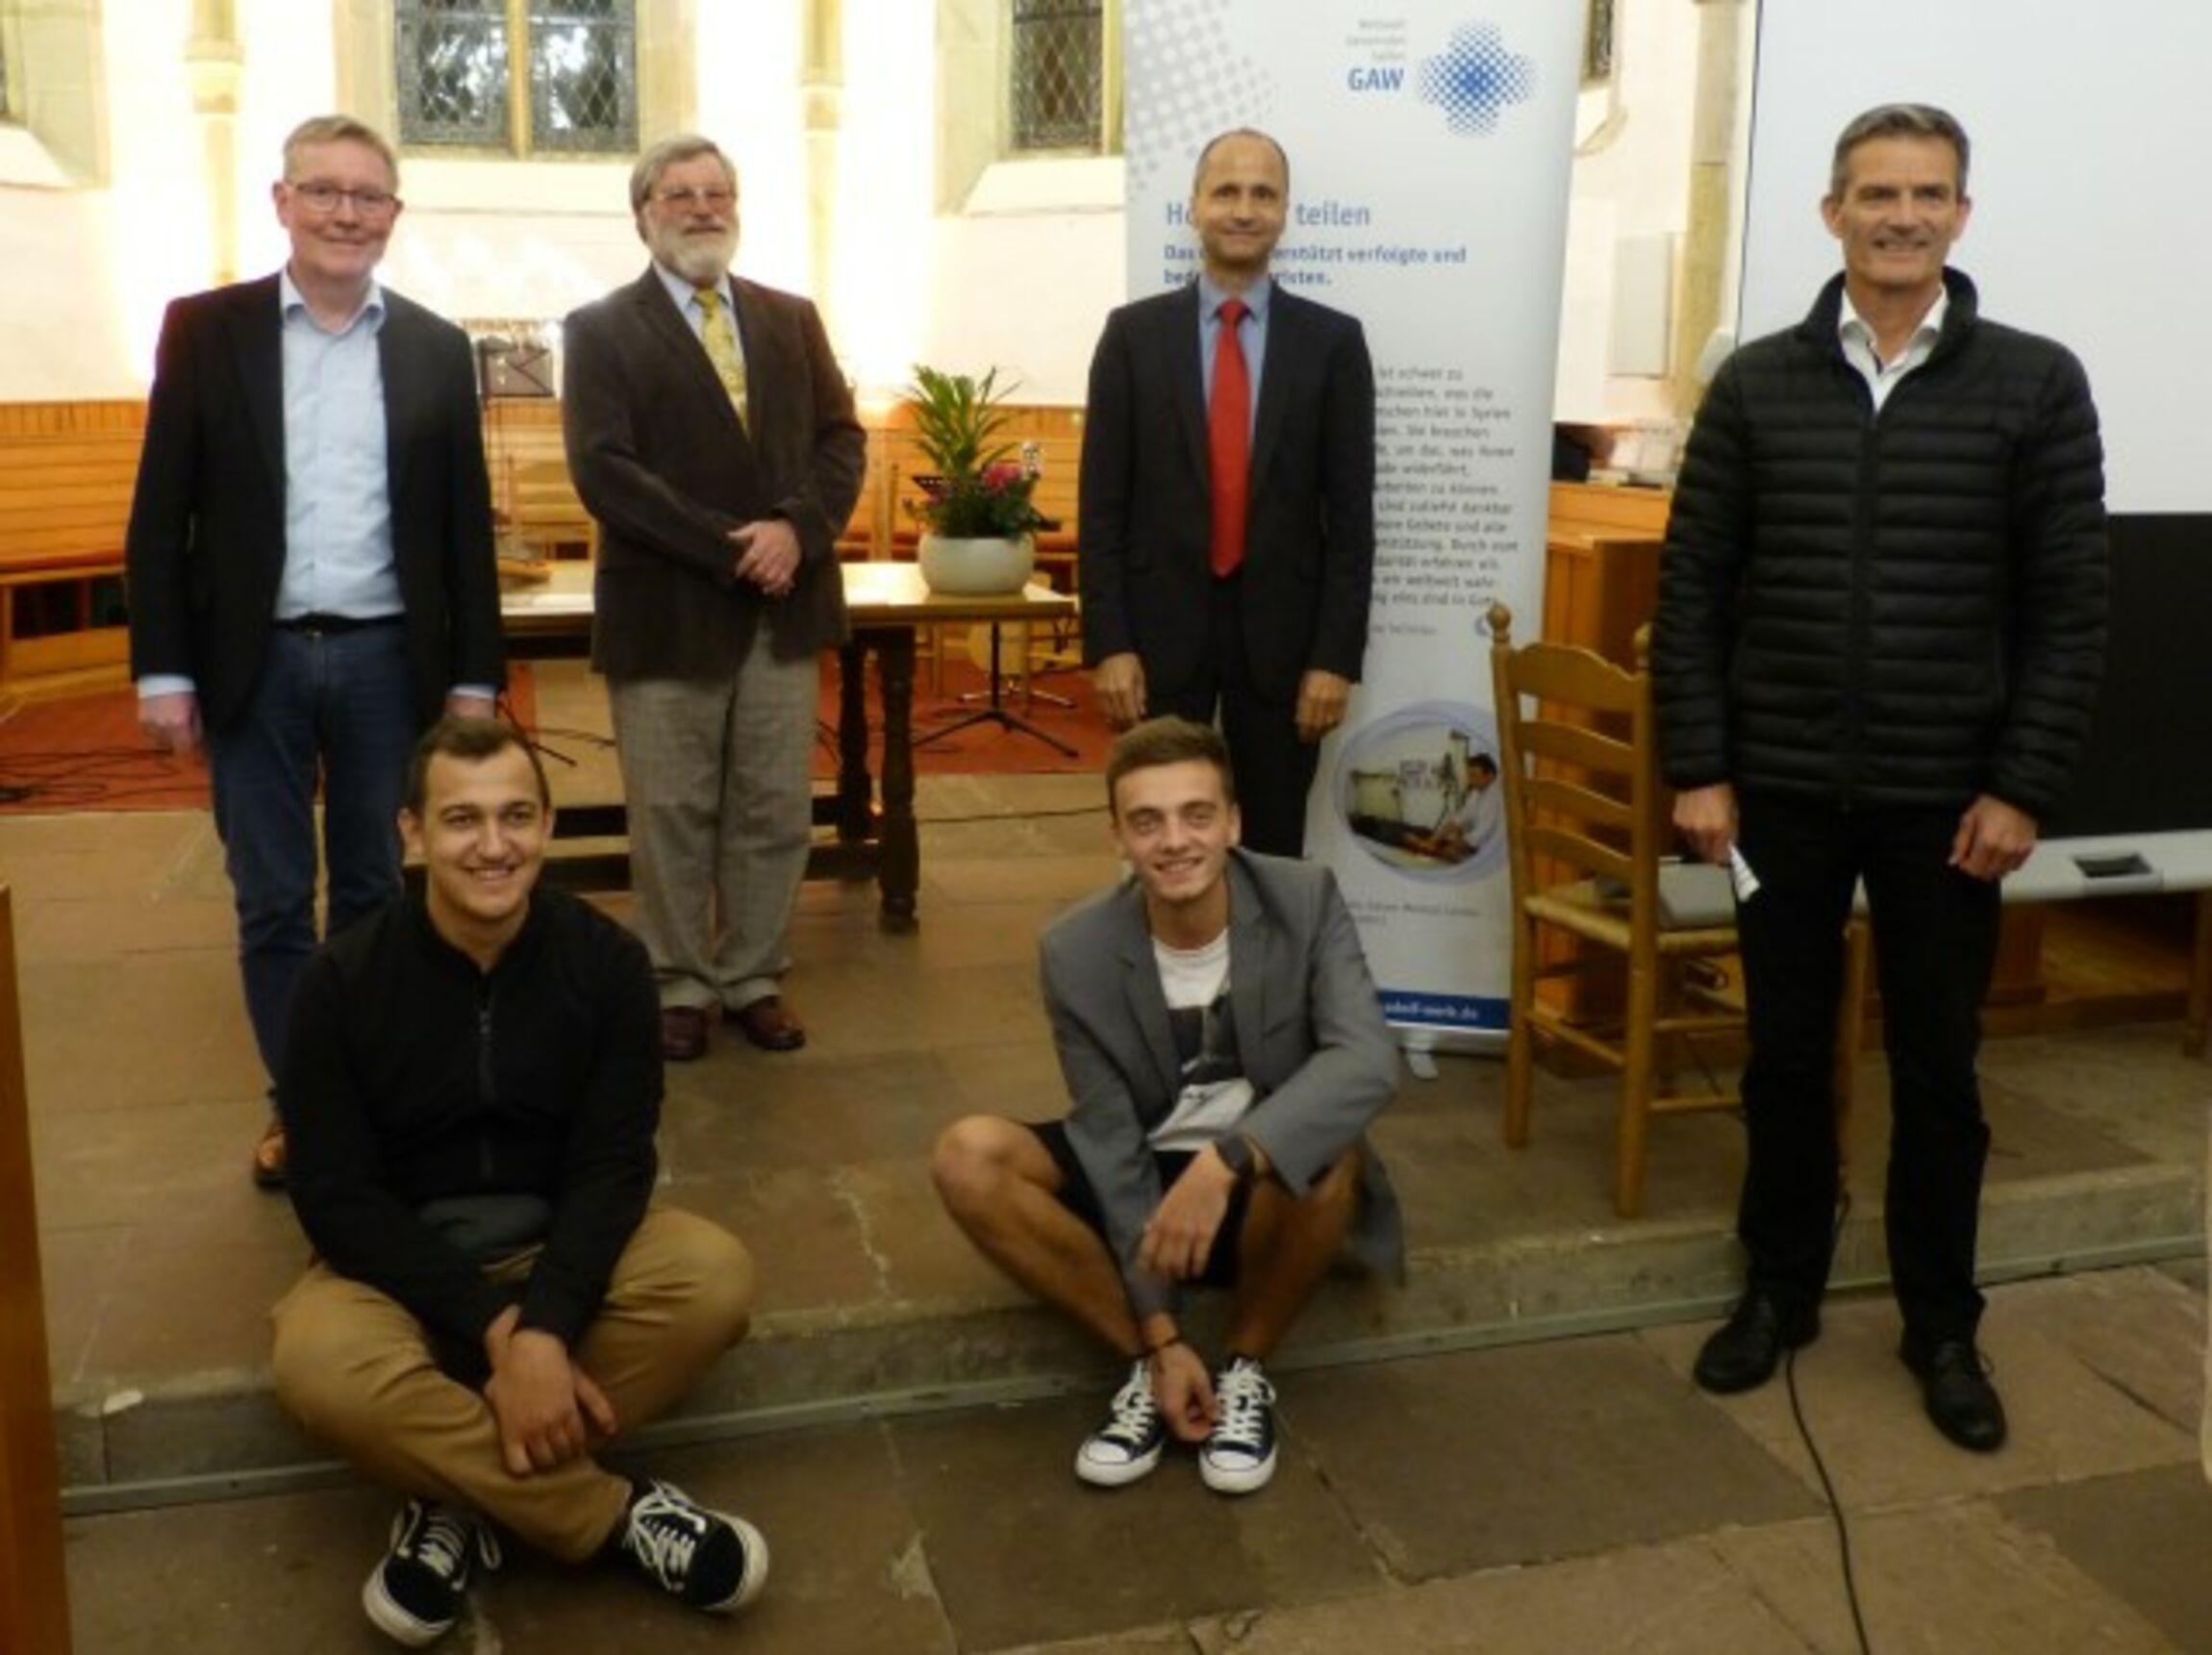 v.l.n.r.: Pastor Behmenburg, Pastor Giesecke von Bergh, OKR Stelter, Generalsekretät Haaks; sitzend: Stipendiaten Levente Dinka und Andrej Laschko